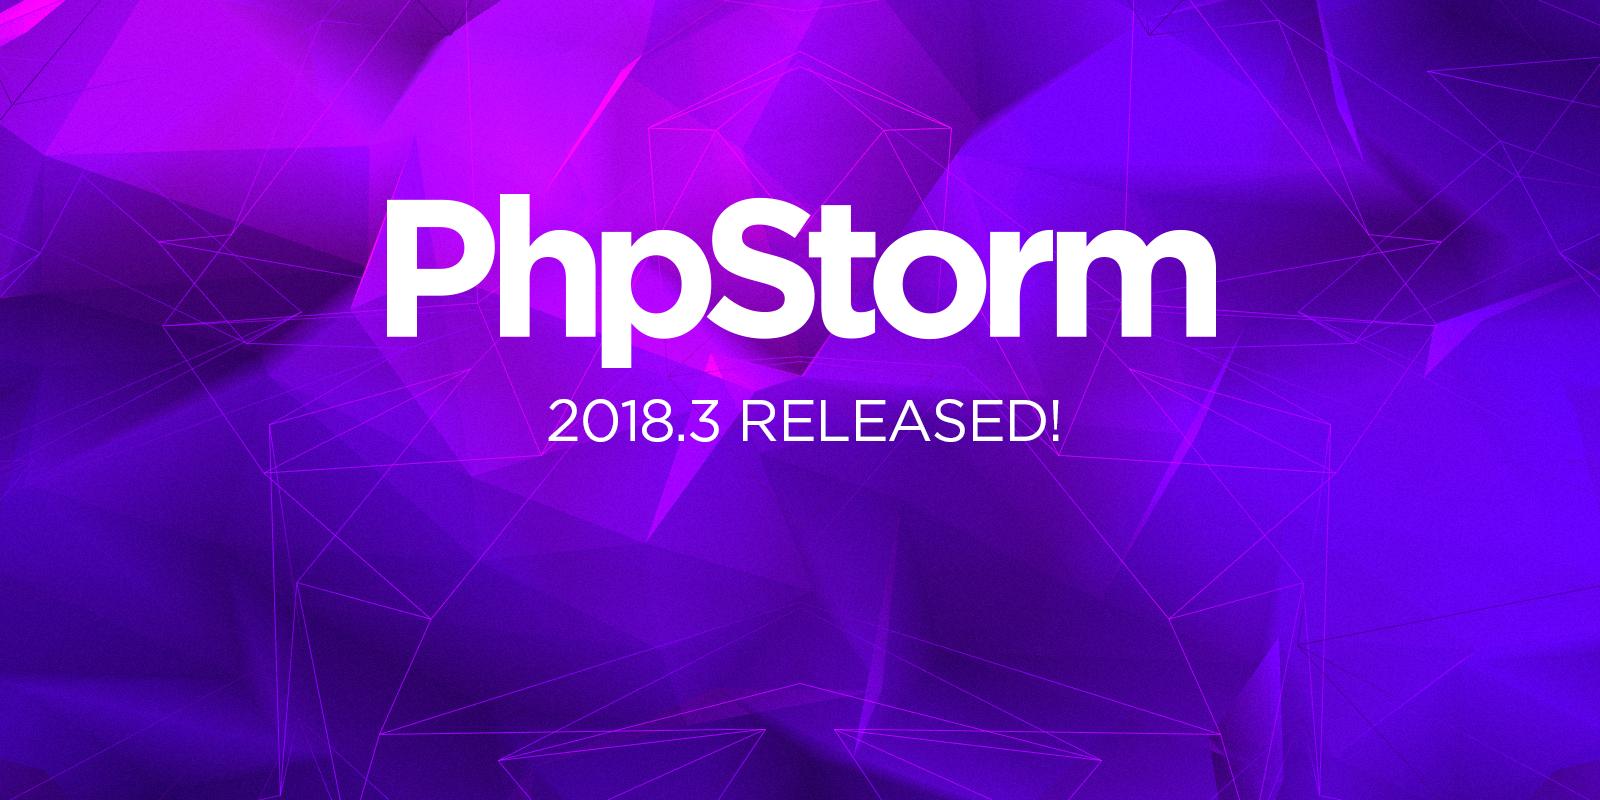 PhpStorm 2018 3 released: DQL, PHP 7 3, Multi-host